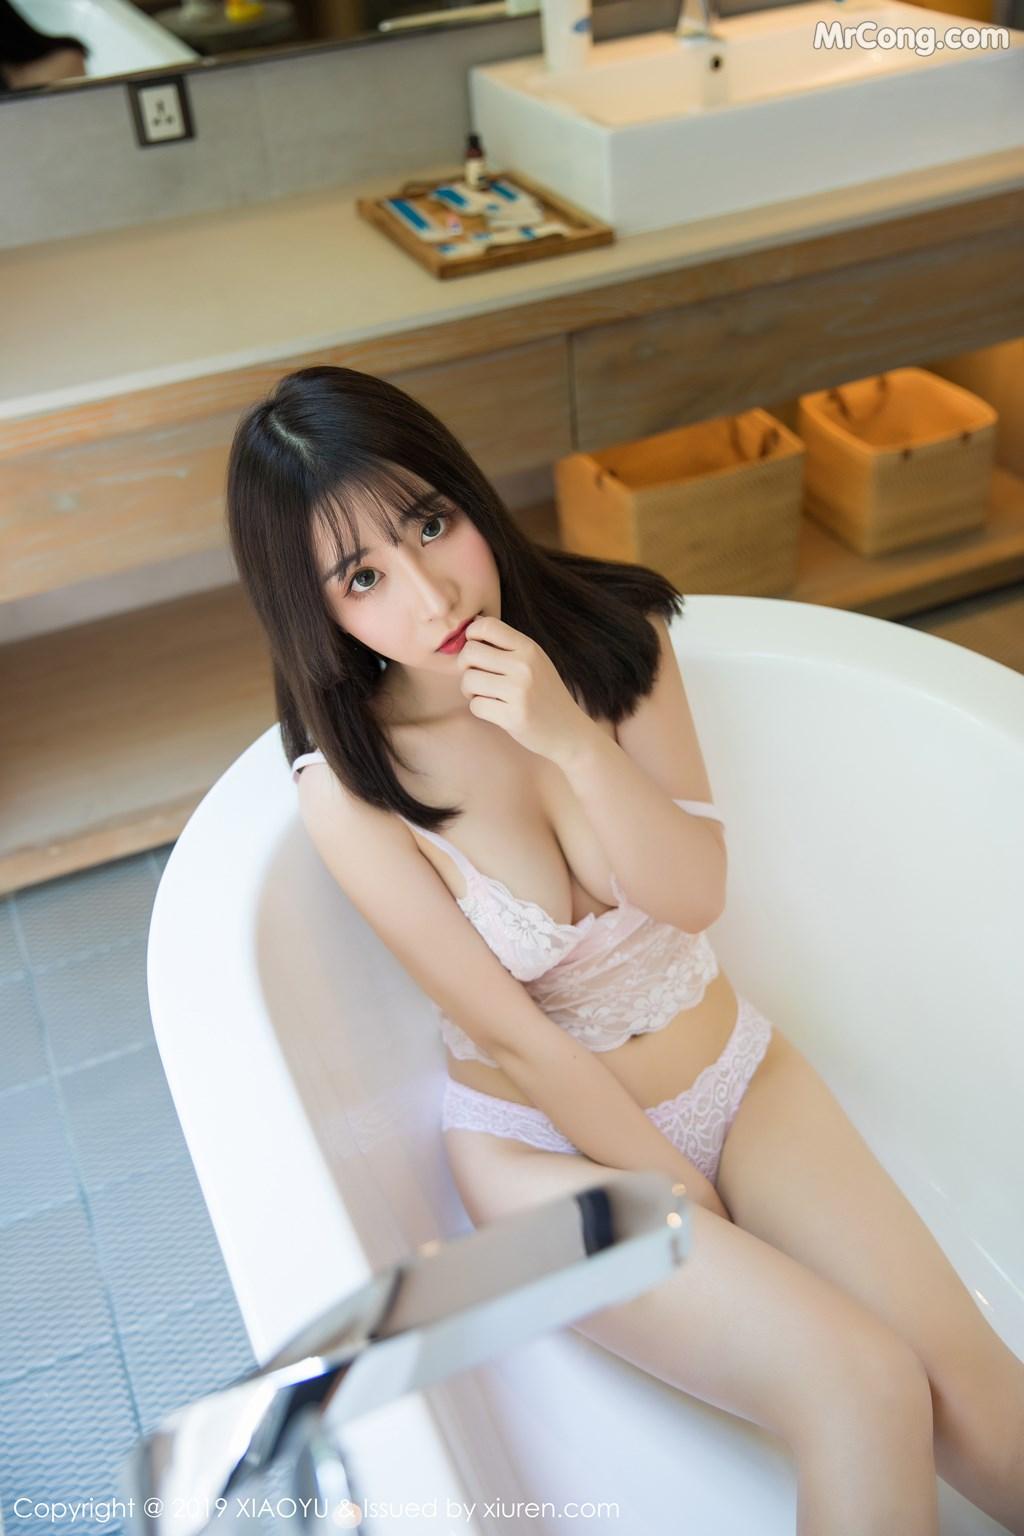 Image XiaoYu-Vol.147-Cherry-MrCong.com-047 in post XiaoYu Vol.147: 绯月樱-Cherry (66 ảnh)